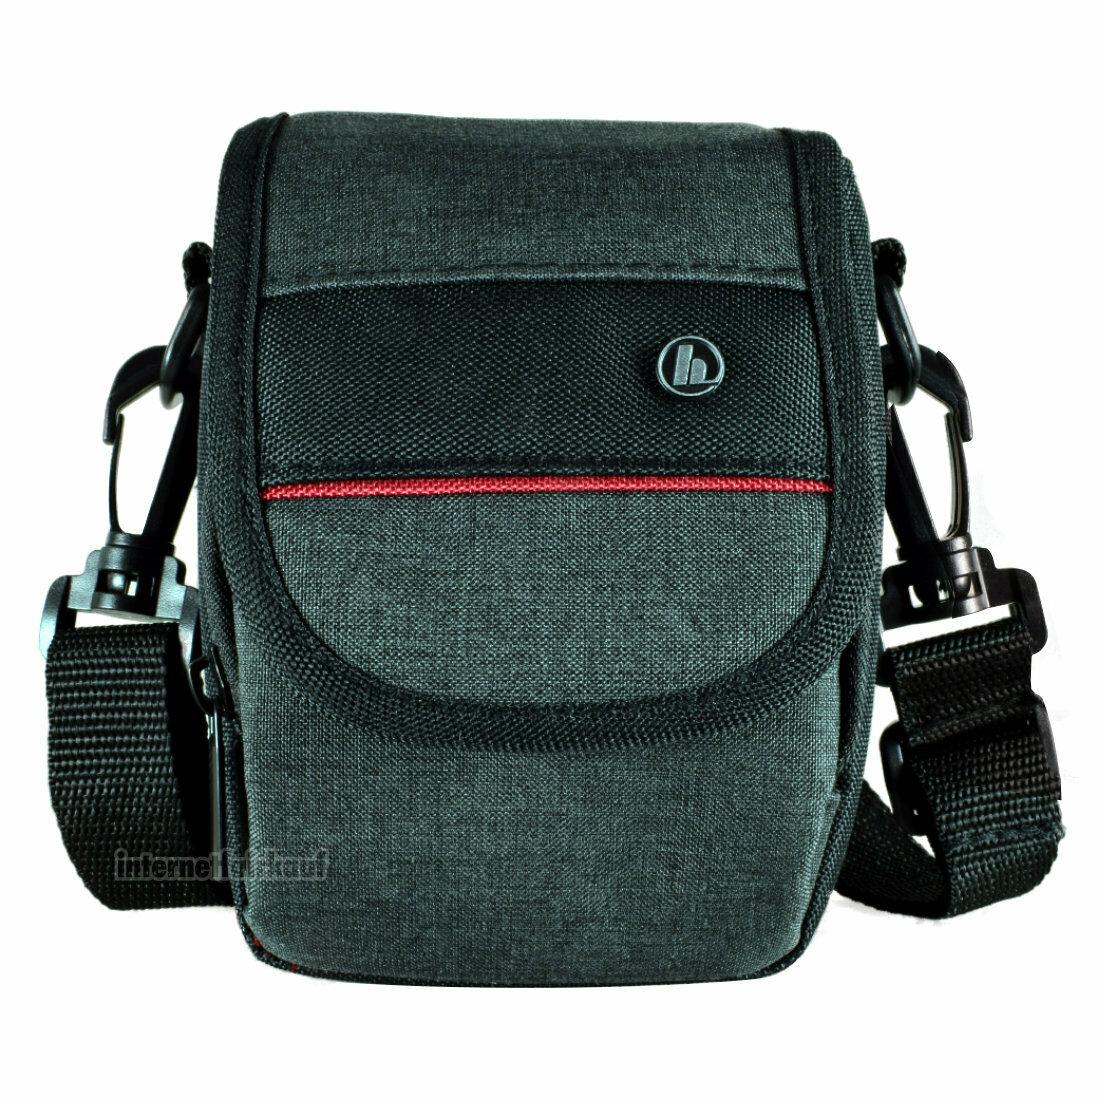 Kameratasche passend für Olympus Stylus 1 1s - Fototasche